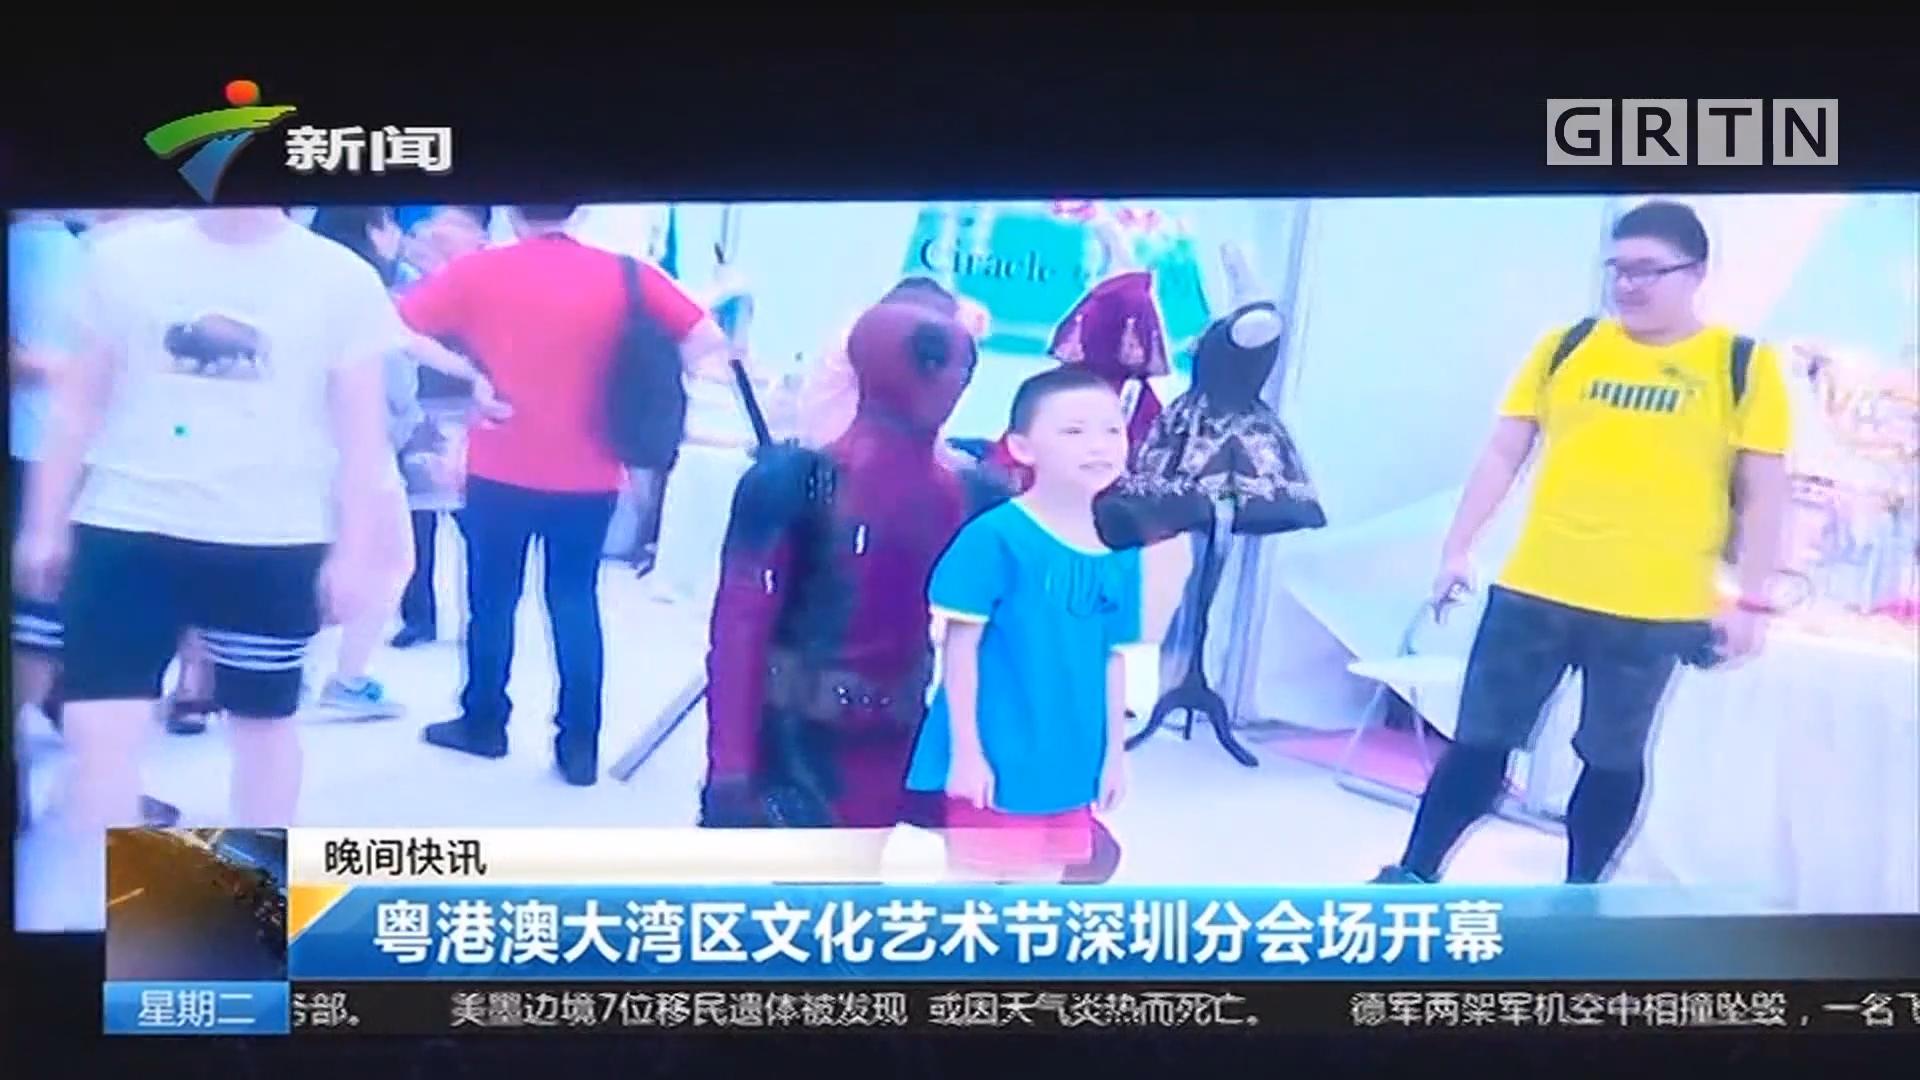 粤港澳大湾区文化艺术节深圳分会场开幕